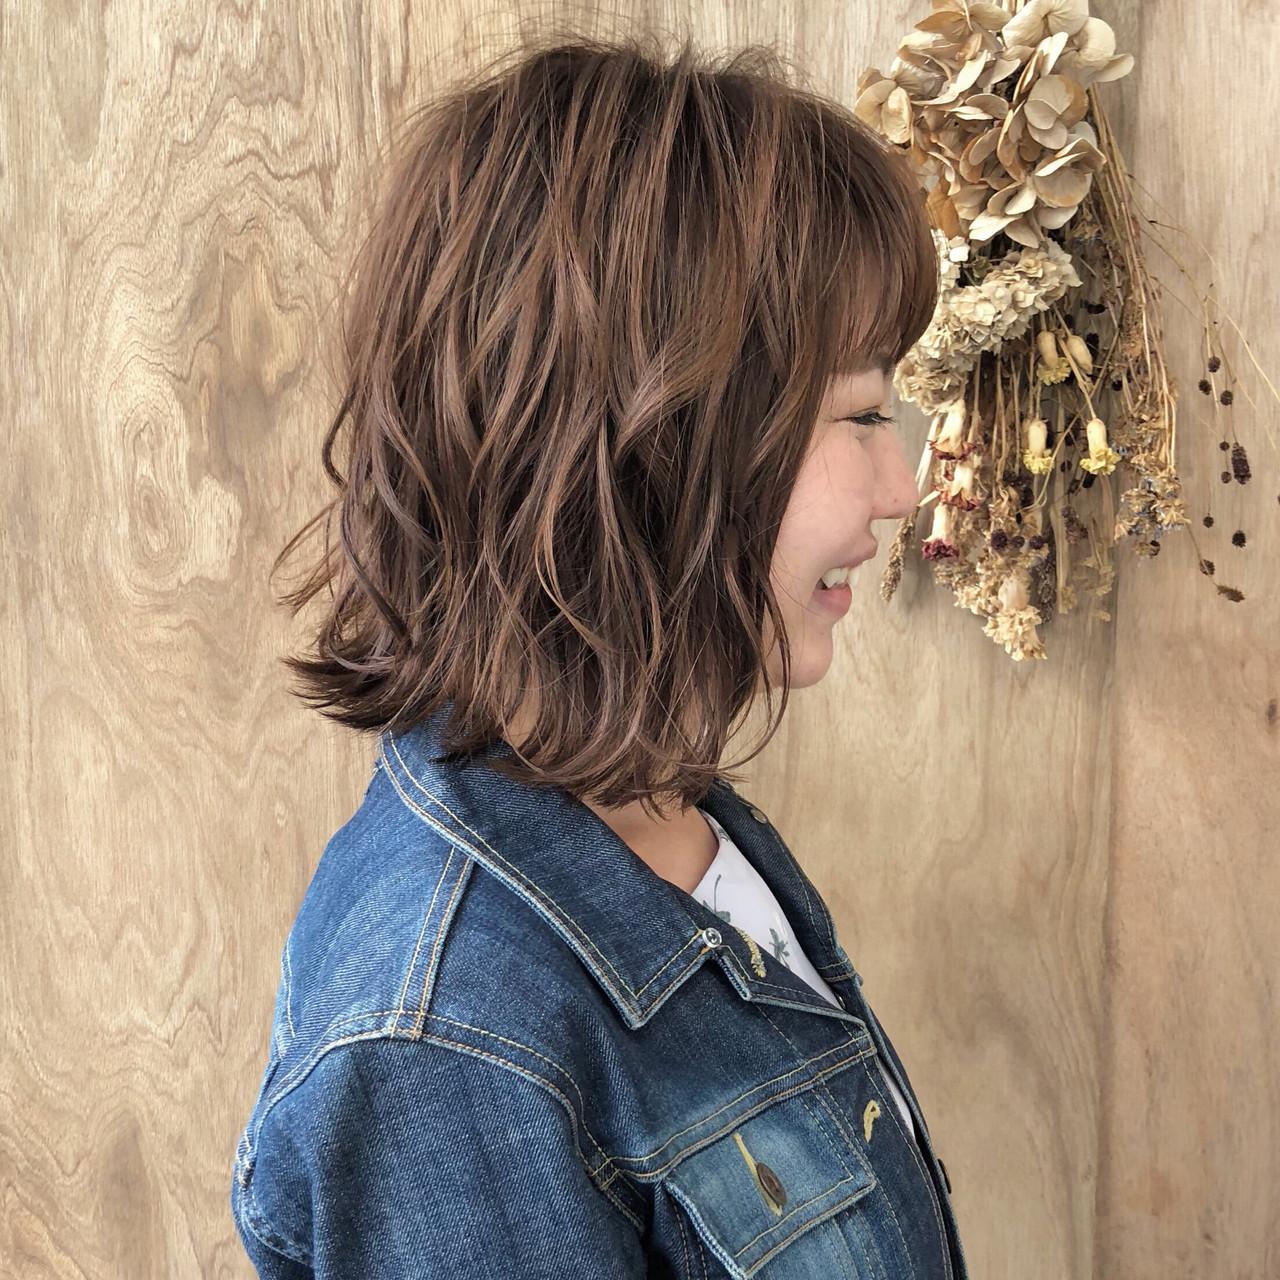 外ハネボブ ミニボブ ショートボブ 切りっぱなしボブ ヘアスタイルや髪型の写真・画像